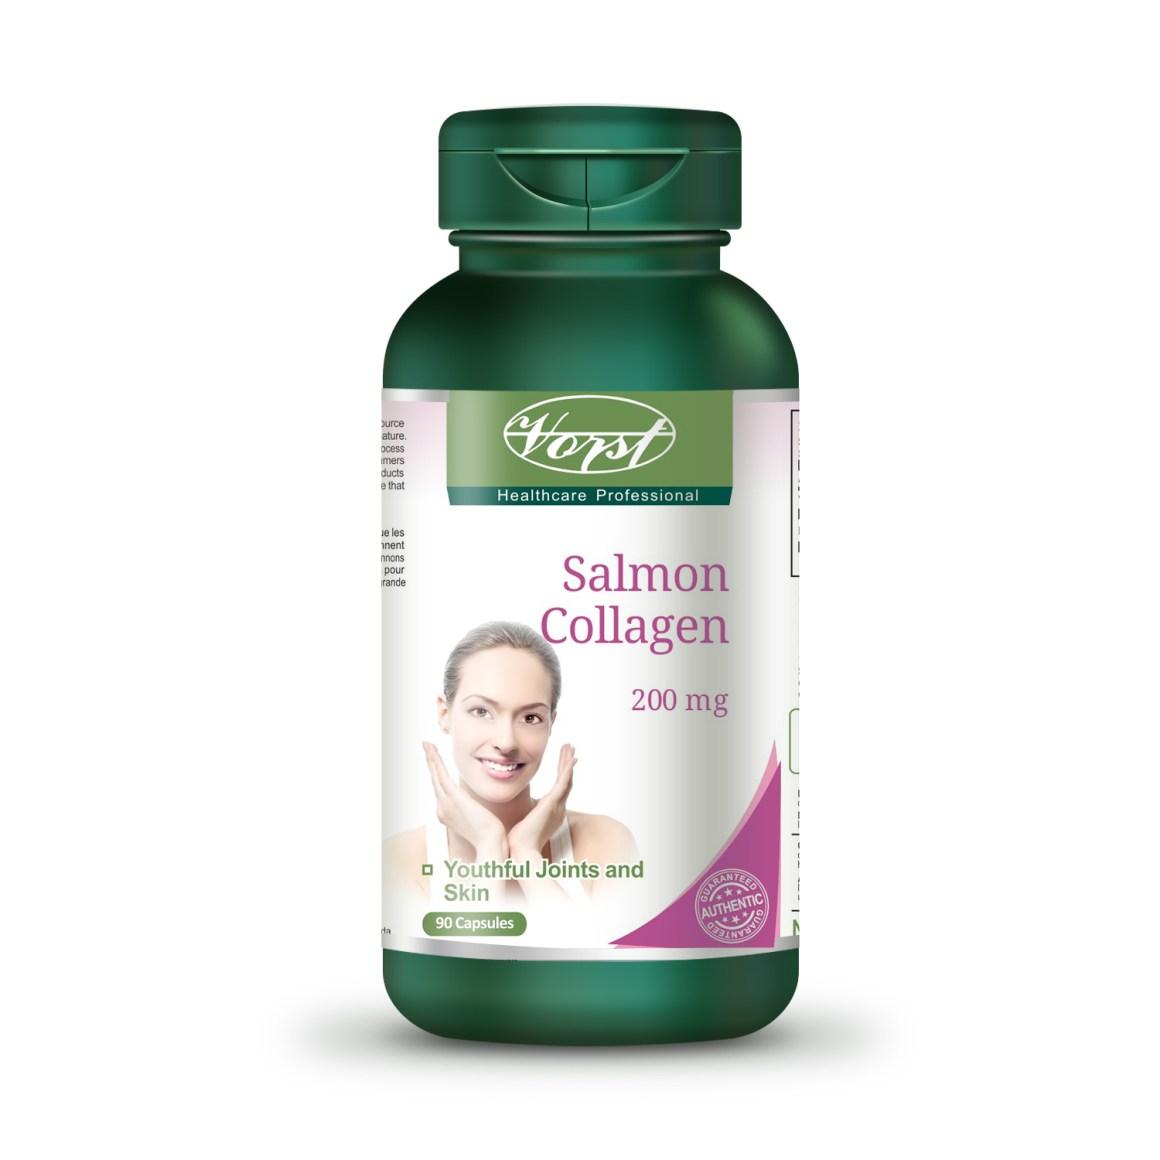 Salmon Collagen